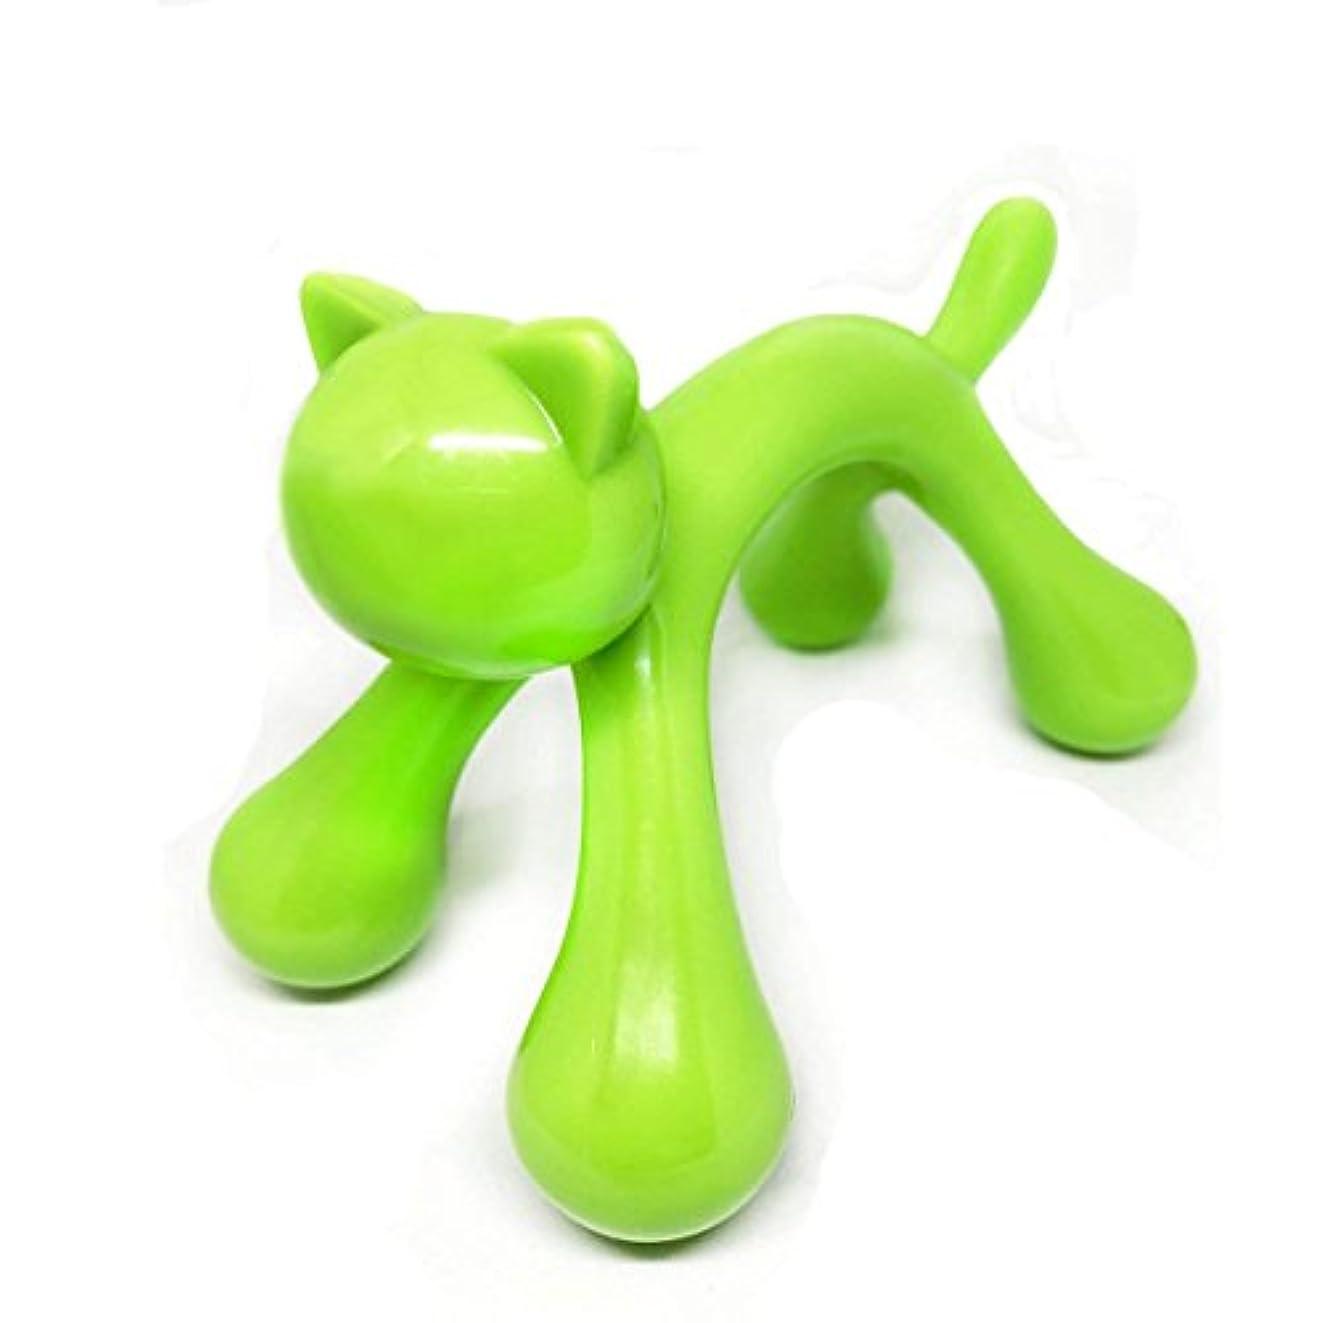 人気トランスミッション取り壊すマッサージ棒 ツボ押しマッサージ台 握りタイプ 背中 ウッド 疲労回復 ハンド 背中 首 肩こり解消 可愛いネコ型 (グリーン)